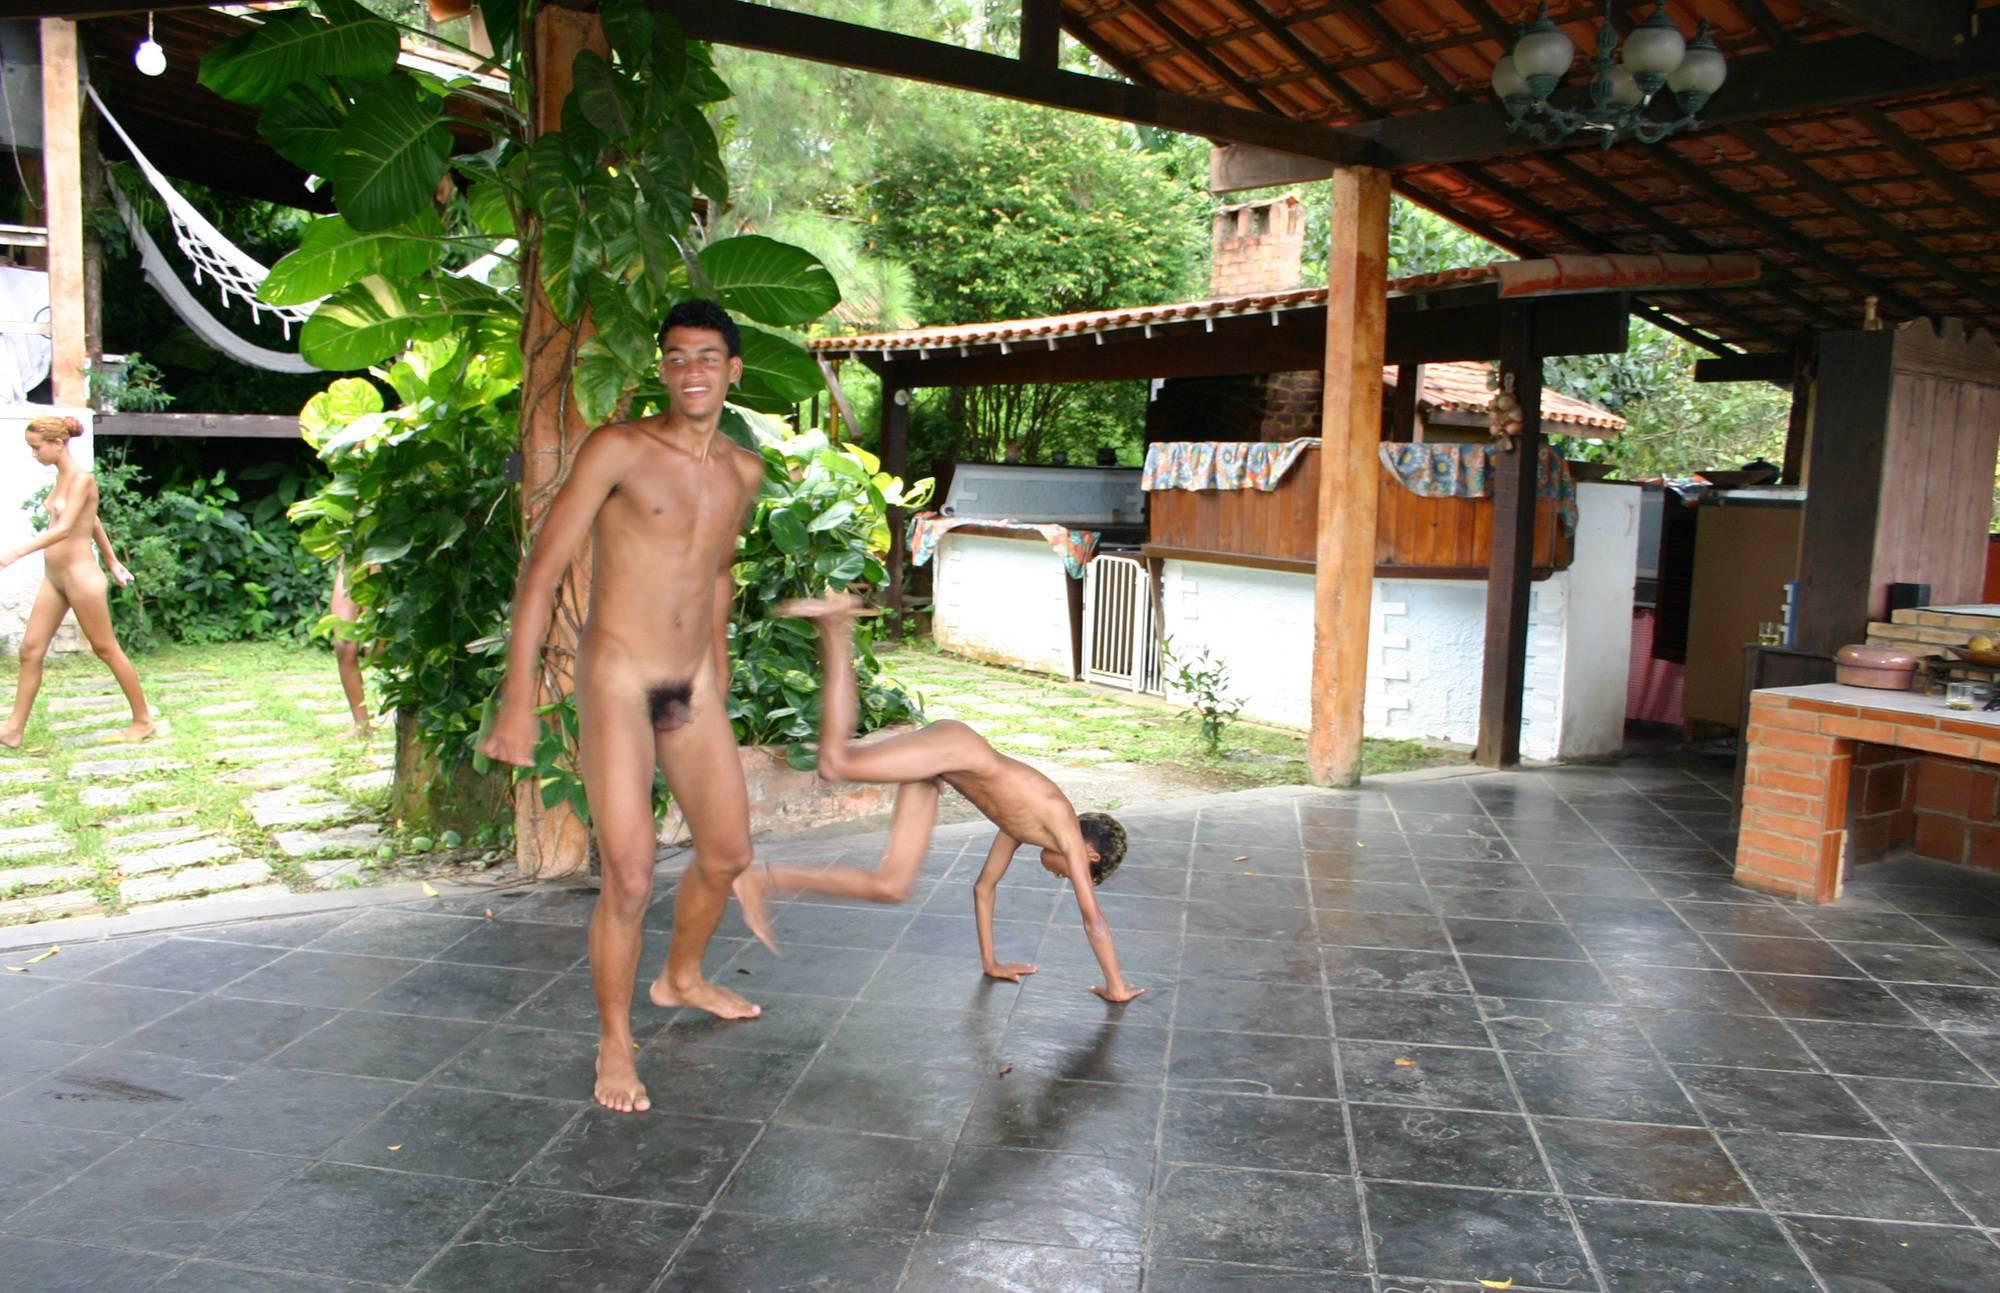 Pure Nudism-Brazilian Men Are Dancing - 3